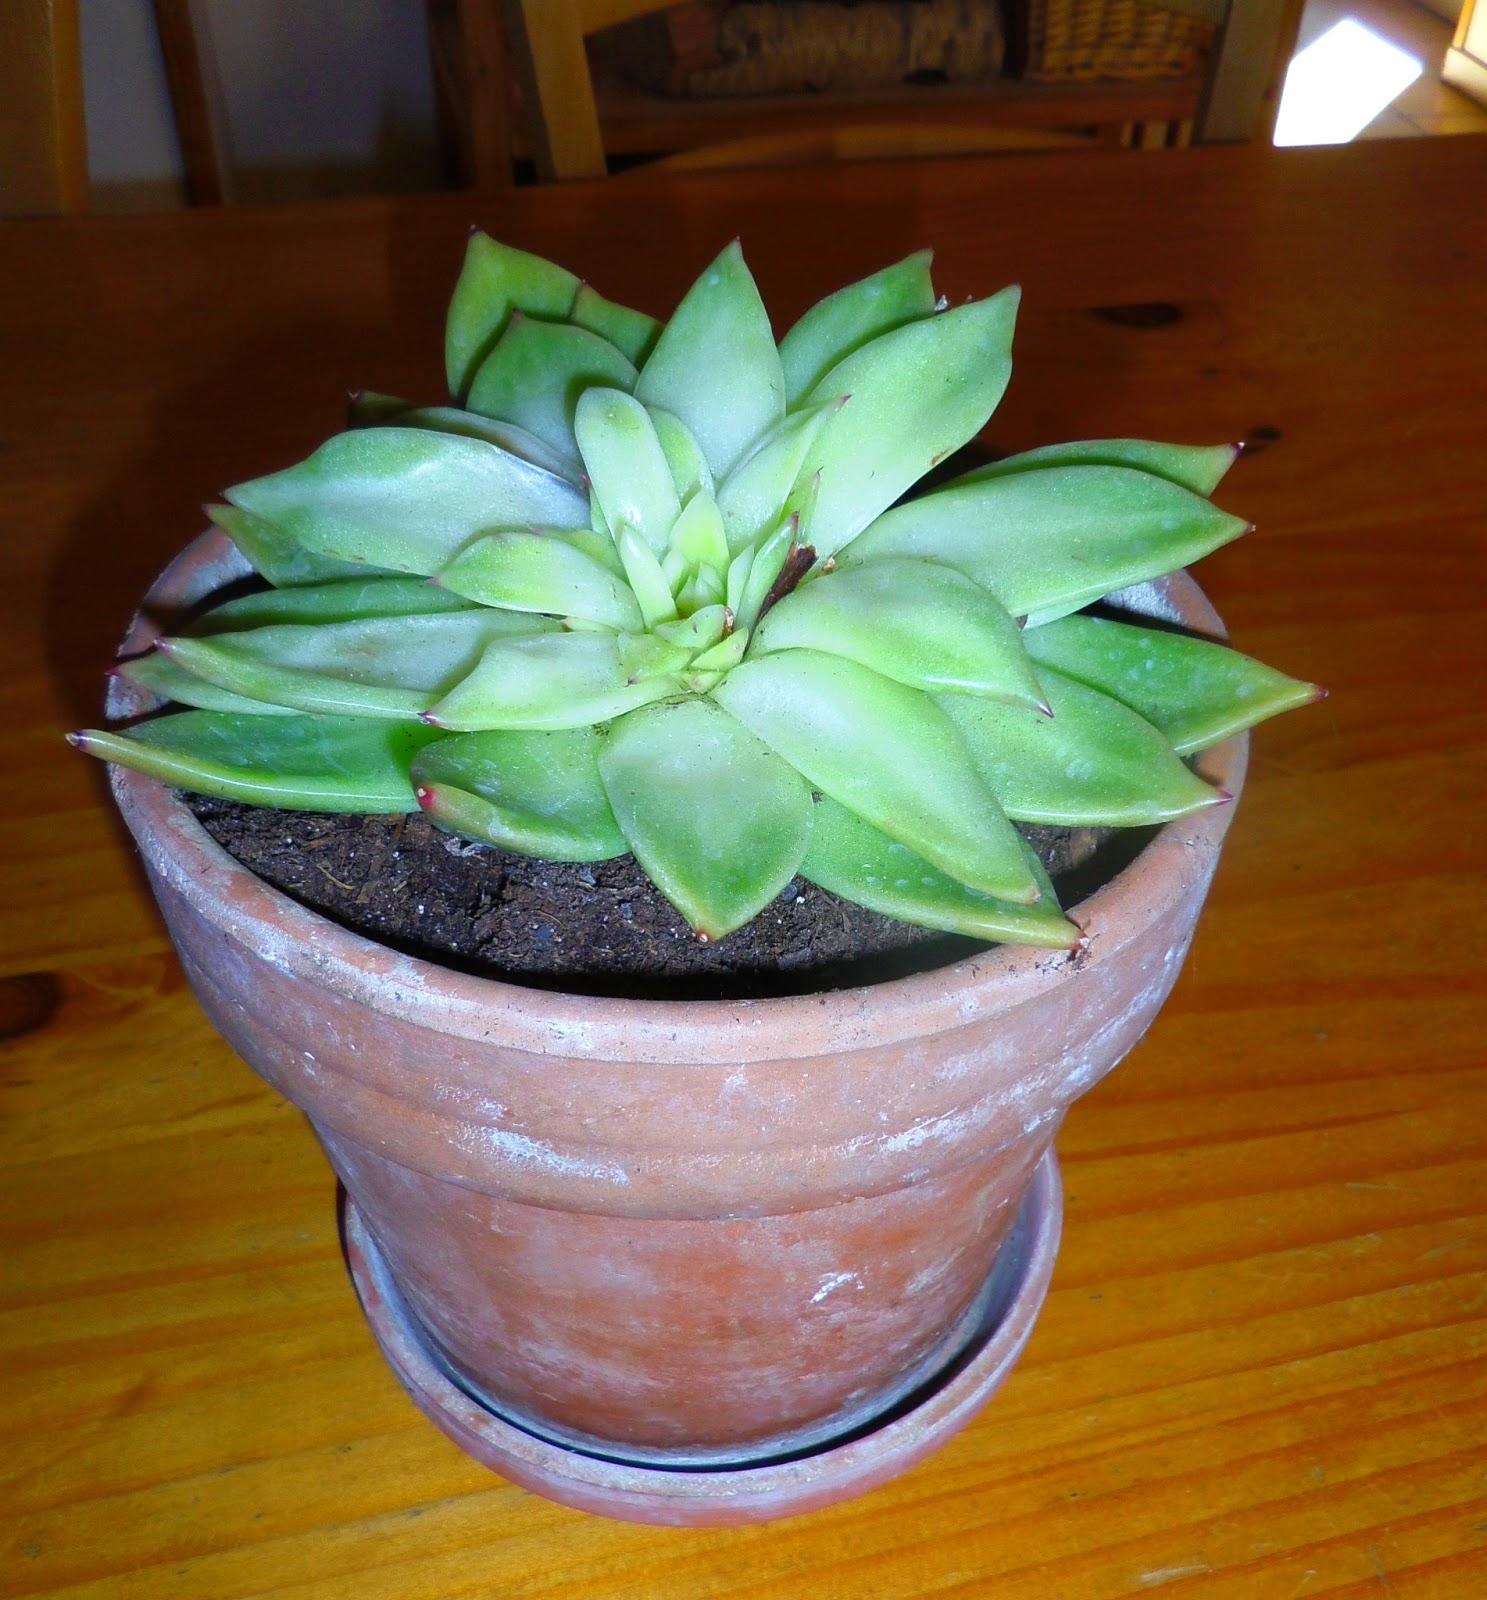 Blandinde fait son blog aux petits soins pour mes plantes vertes - Rempoter une plante grasse ...